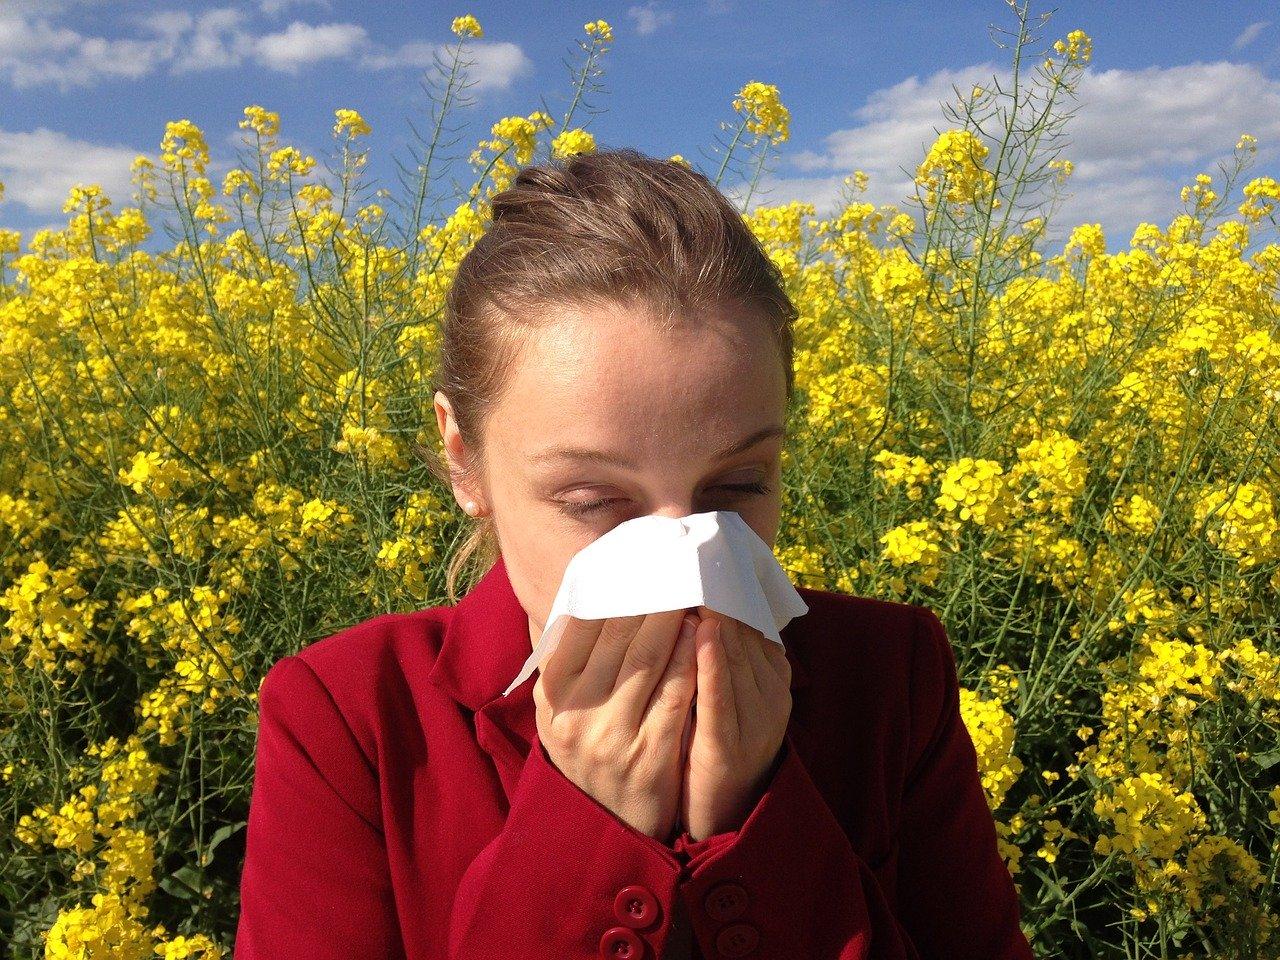 Alergénová imunoterapia môže ušetriť milióny eur, no Slováci ju aj tak nevyužívajú